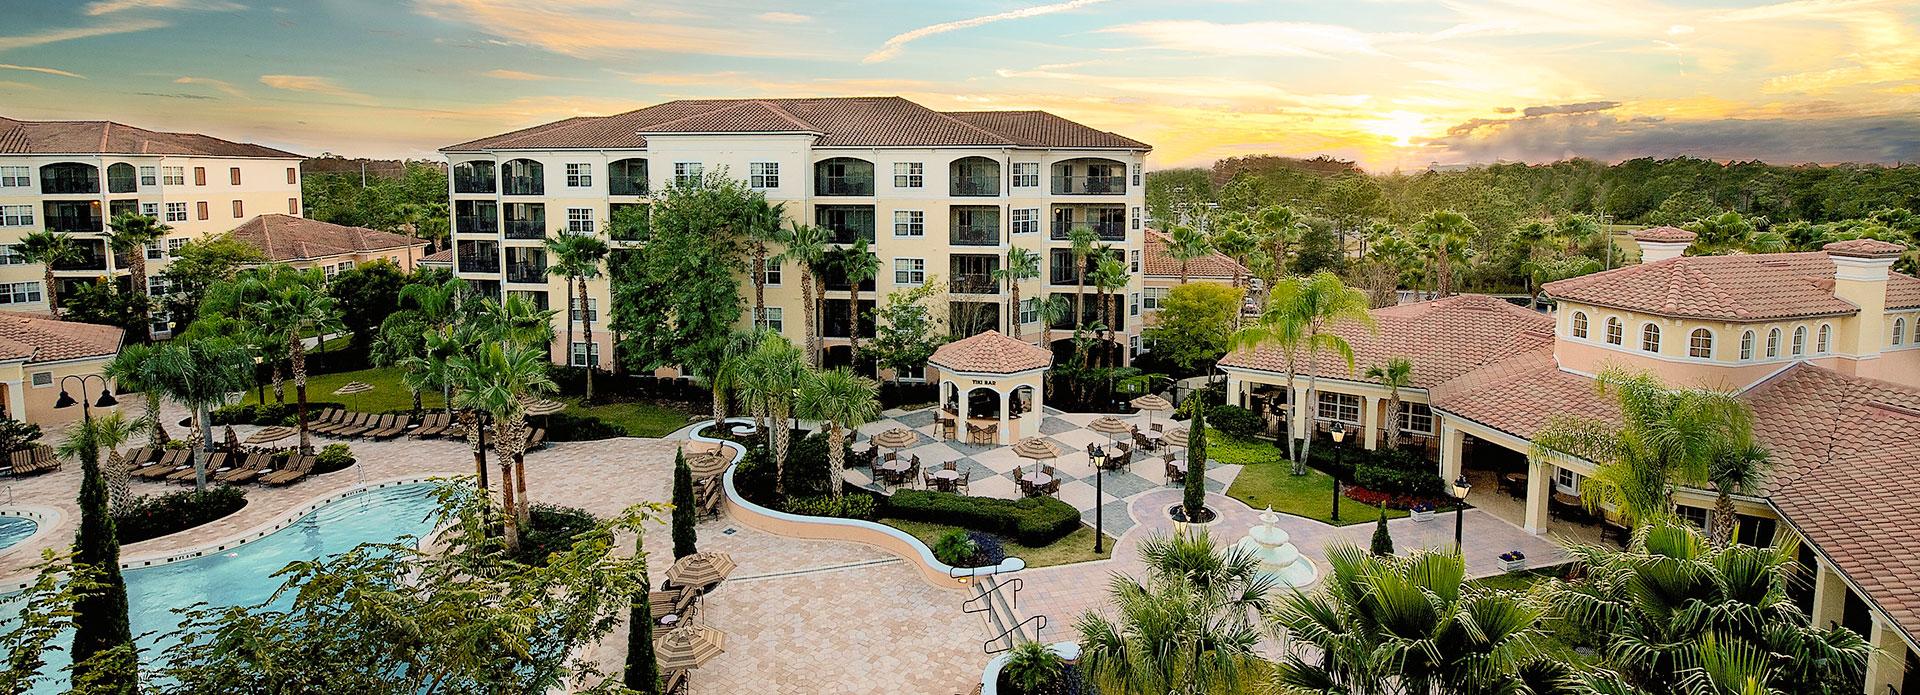 Top View of WorldQuest Orlando Resort, Orlando